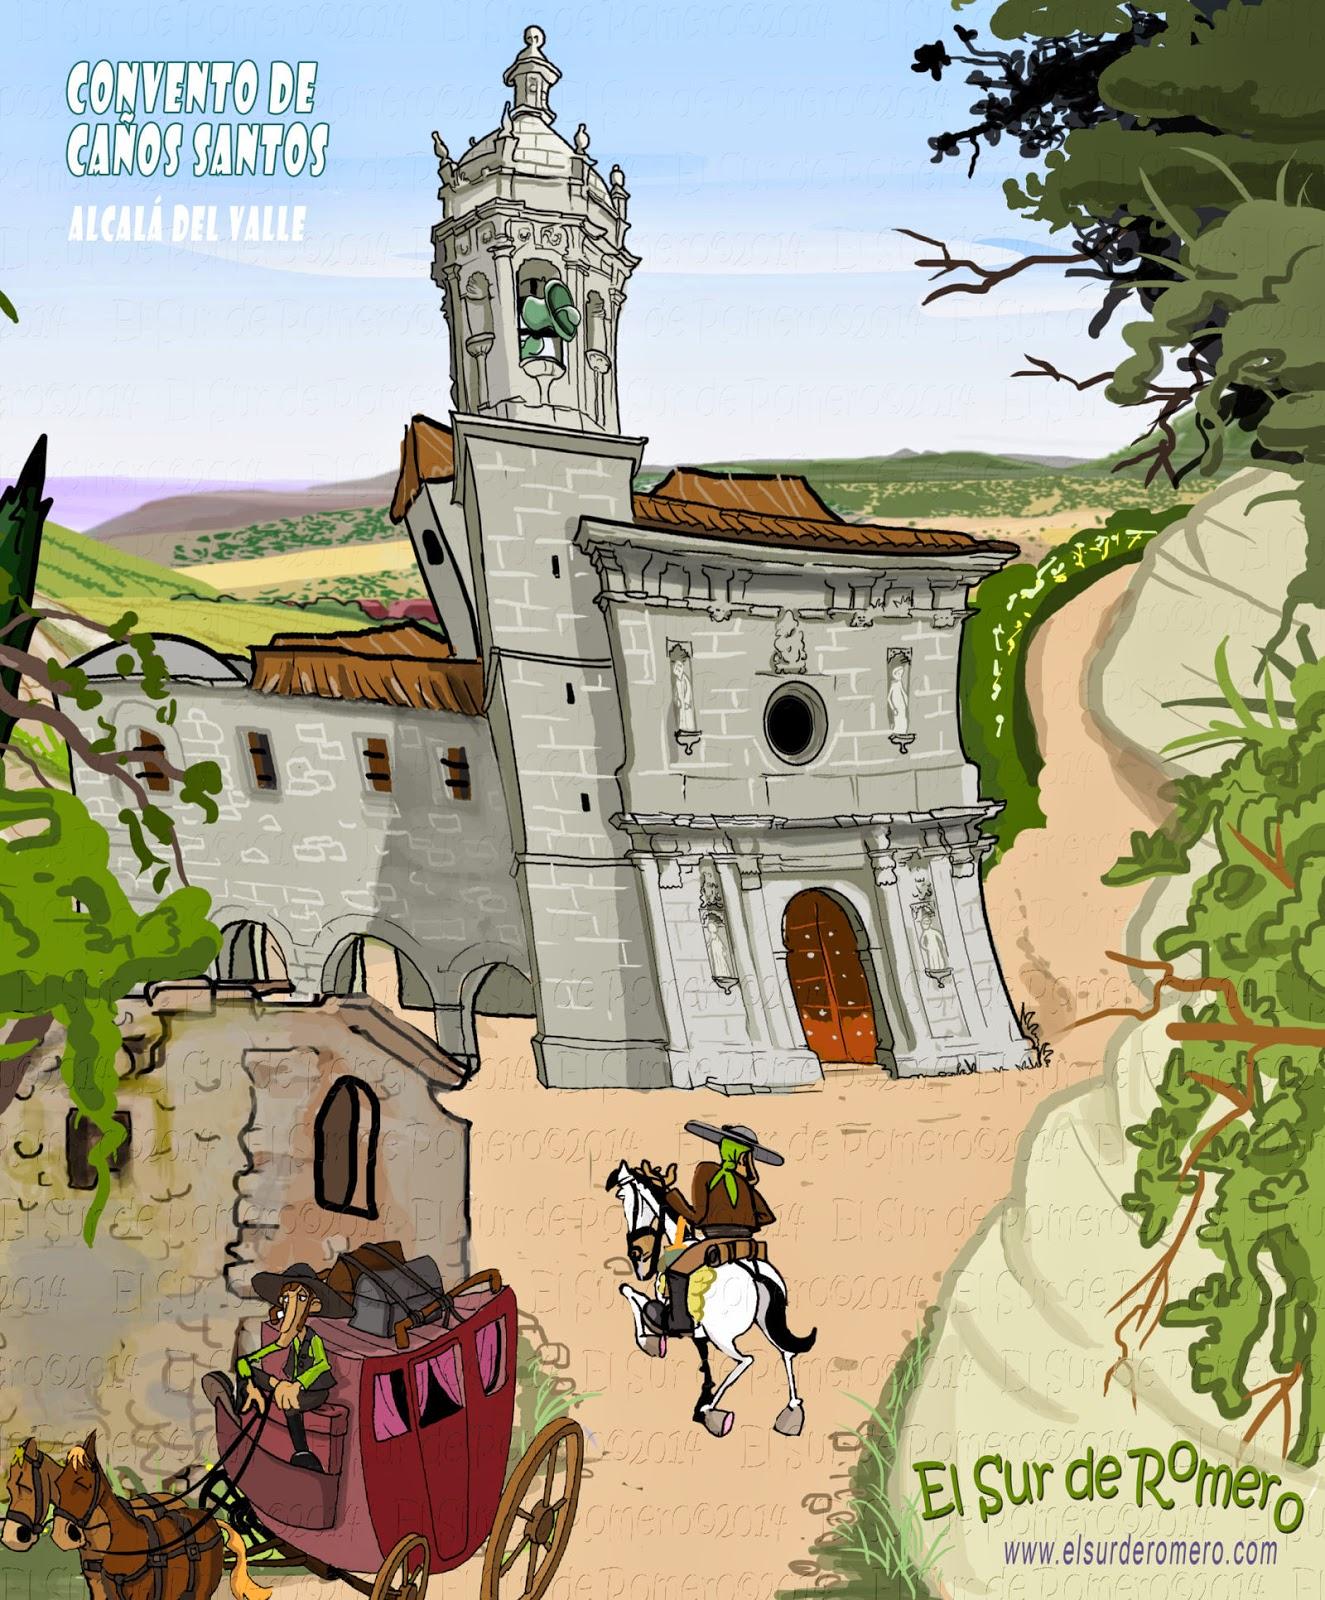 """<img src=""""Convento Caños Santos.jpg"""" alt=""""dibujos de Alcalá del Valle""""/>"""